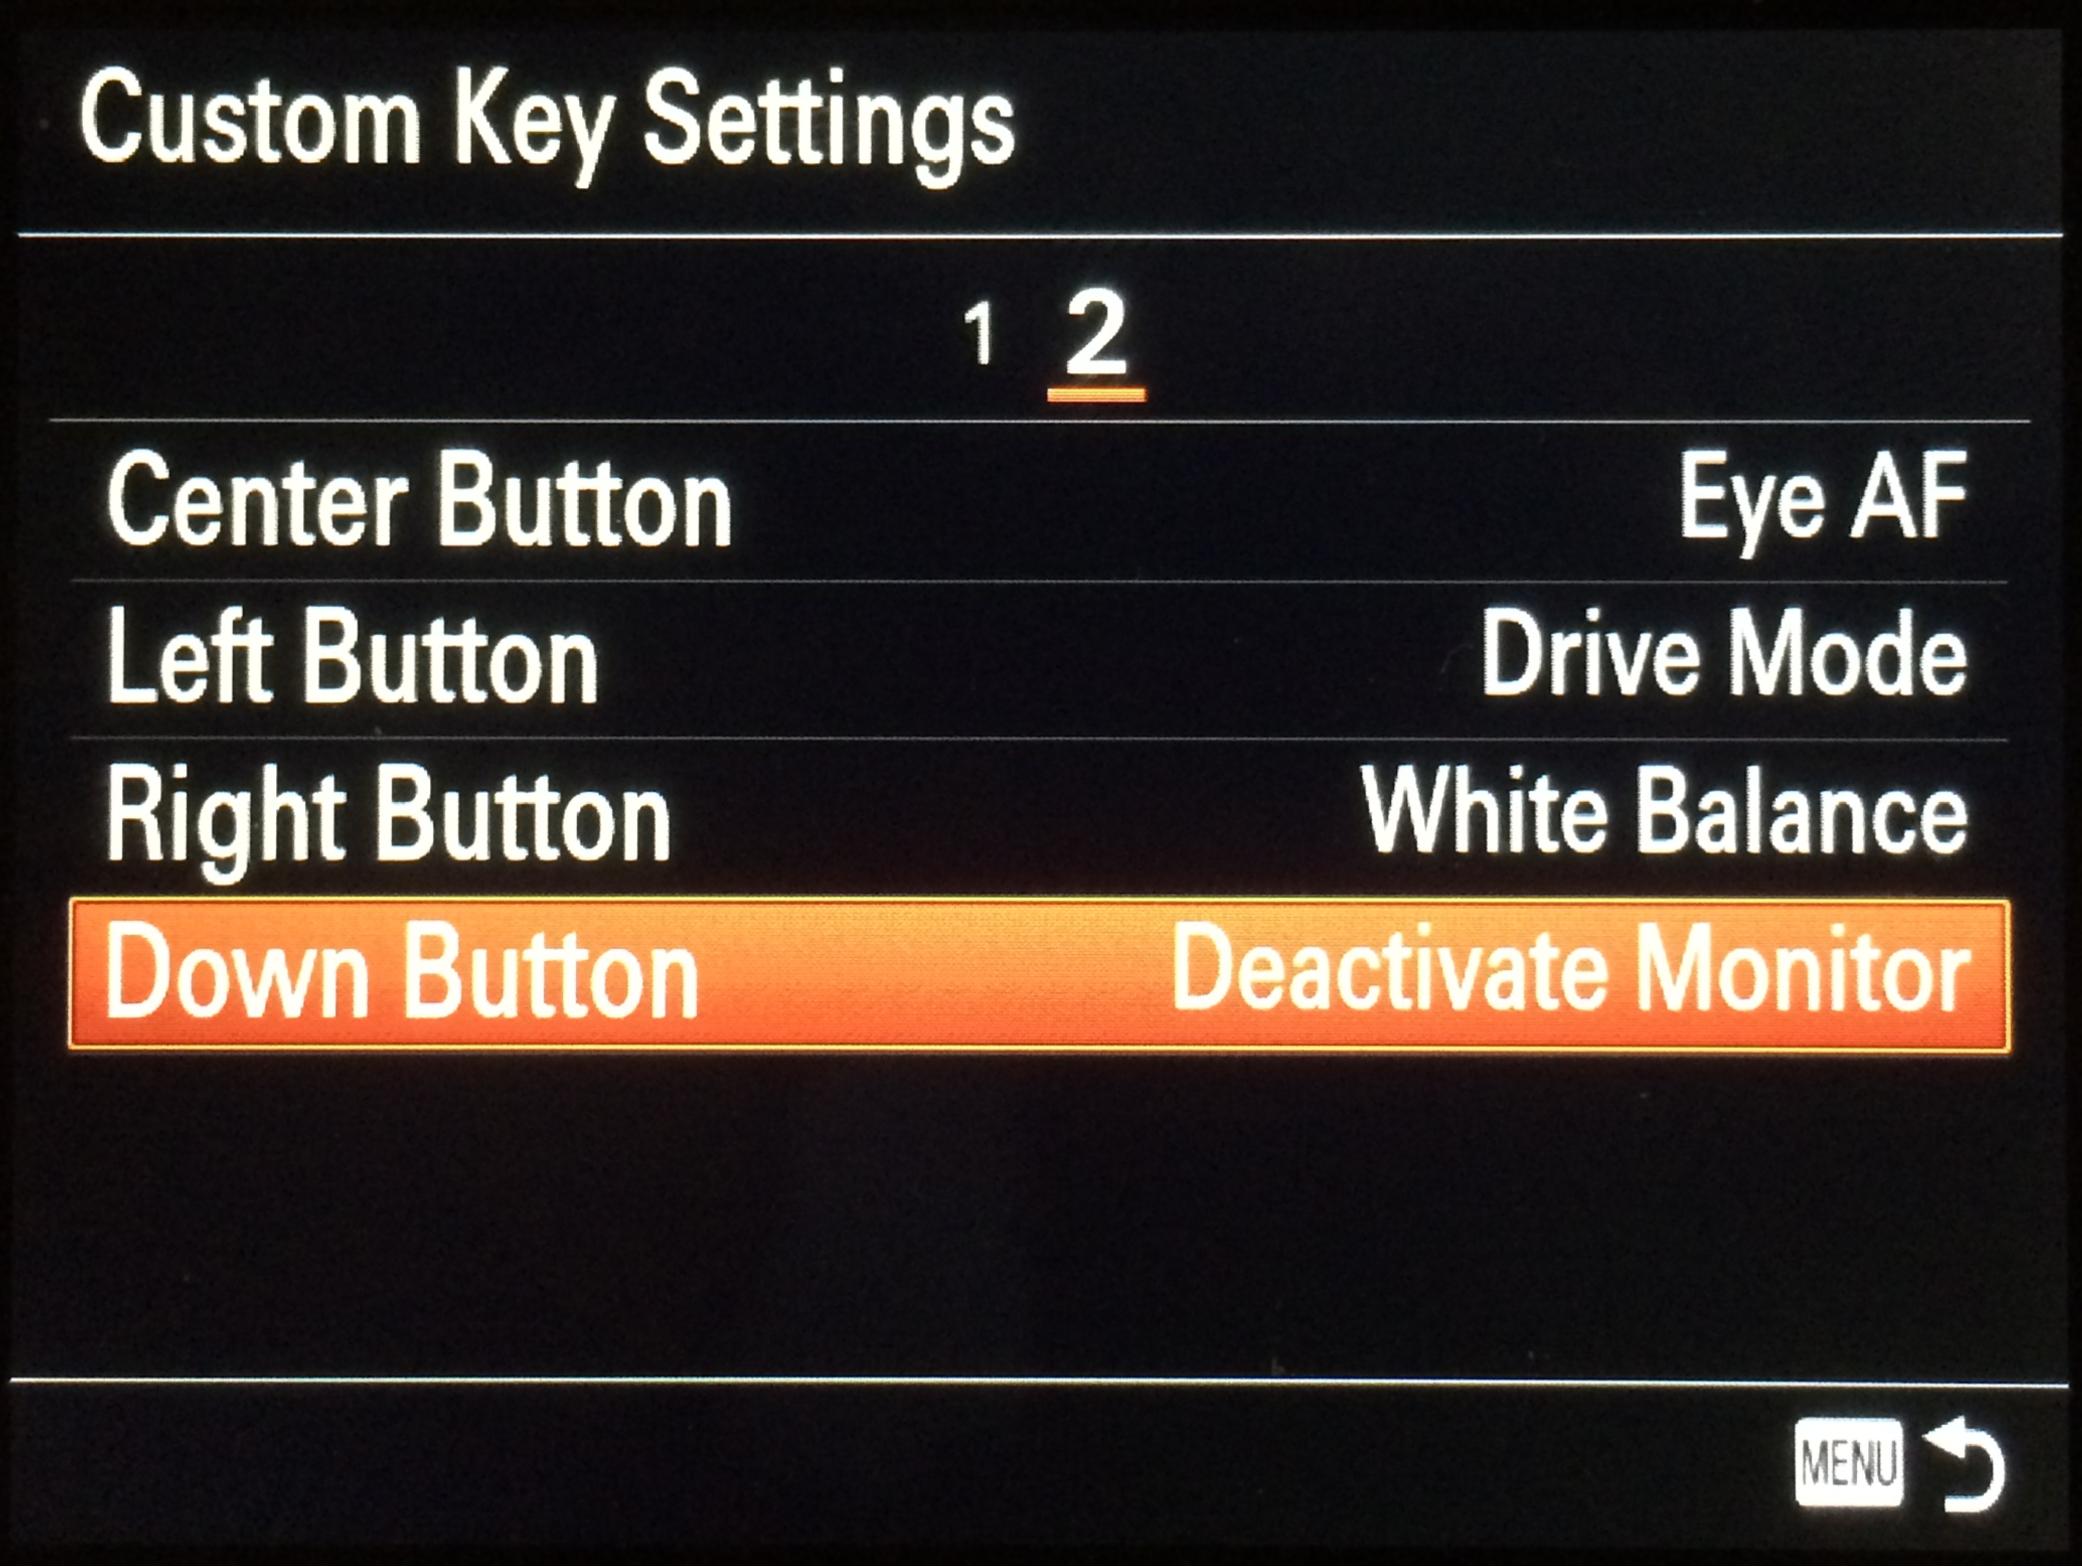 Sony A7R, Custom Key Settings menu, Page 2